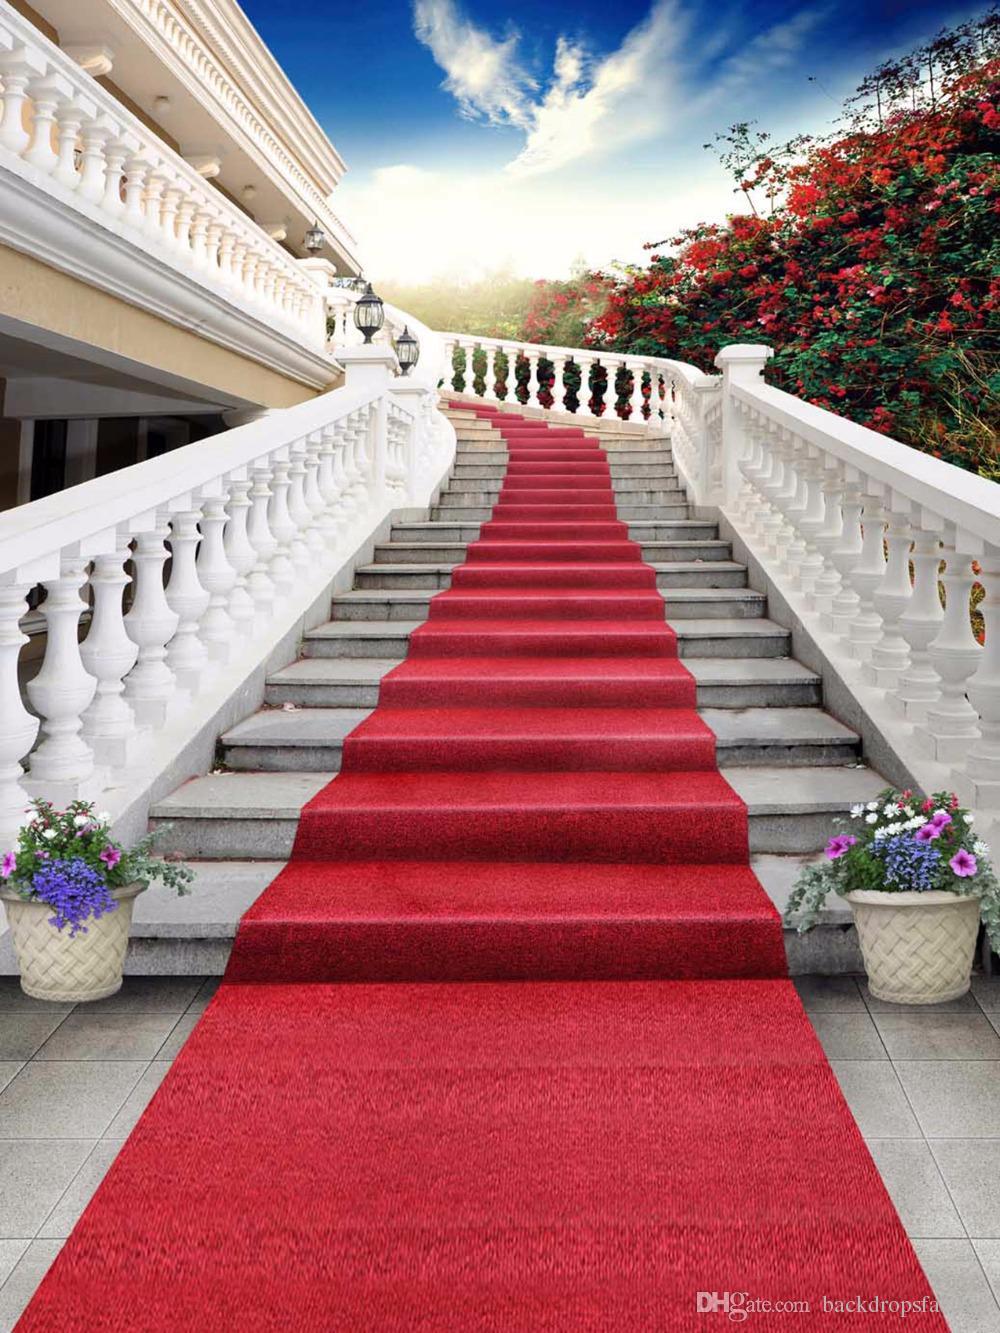 acheter escaliers en plein air mariage decors tapis rouge ciel bleu fleurs rouges toile de fond scenique photographie studio arriere plans tissu de